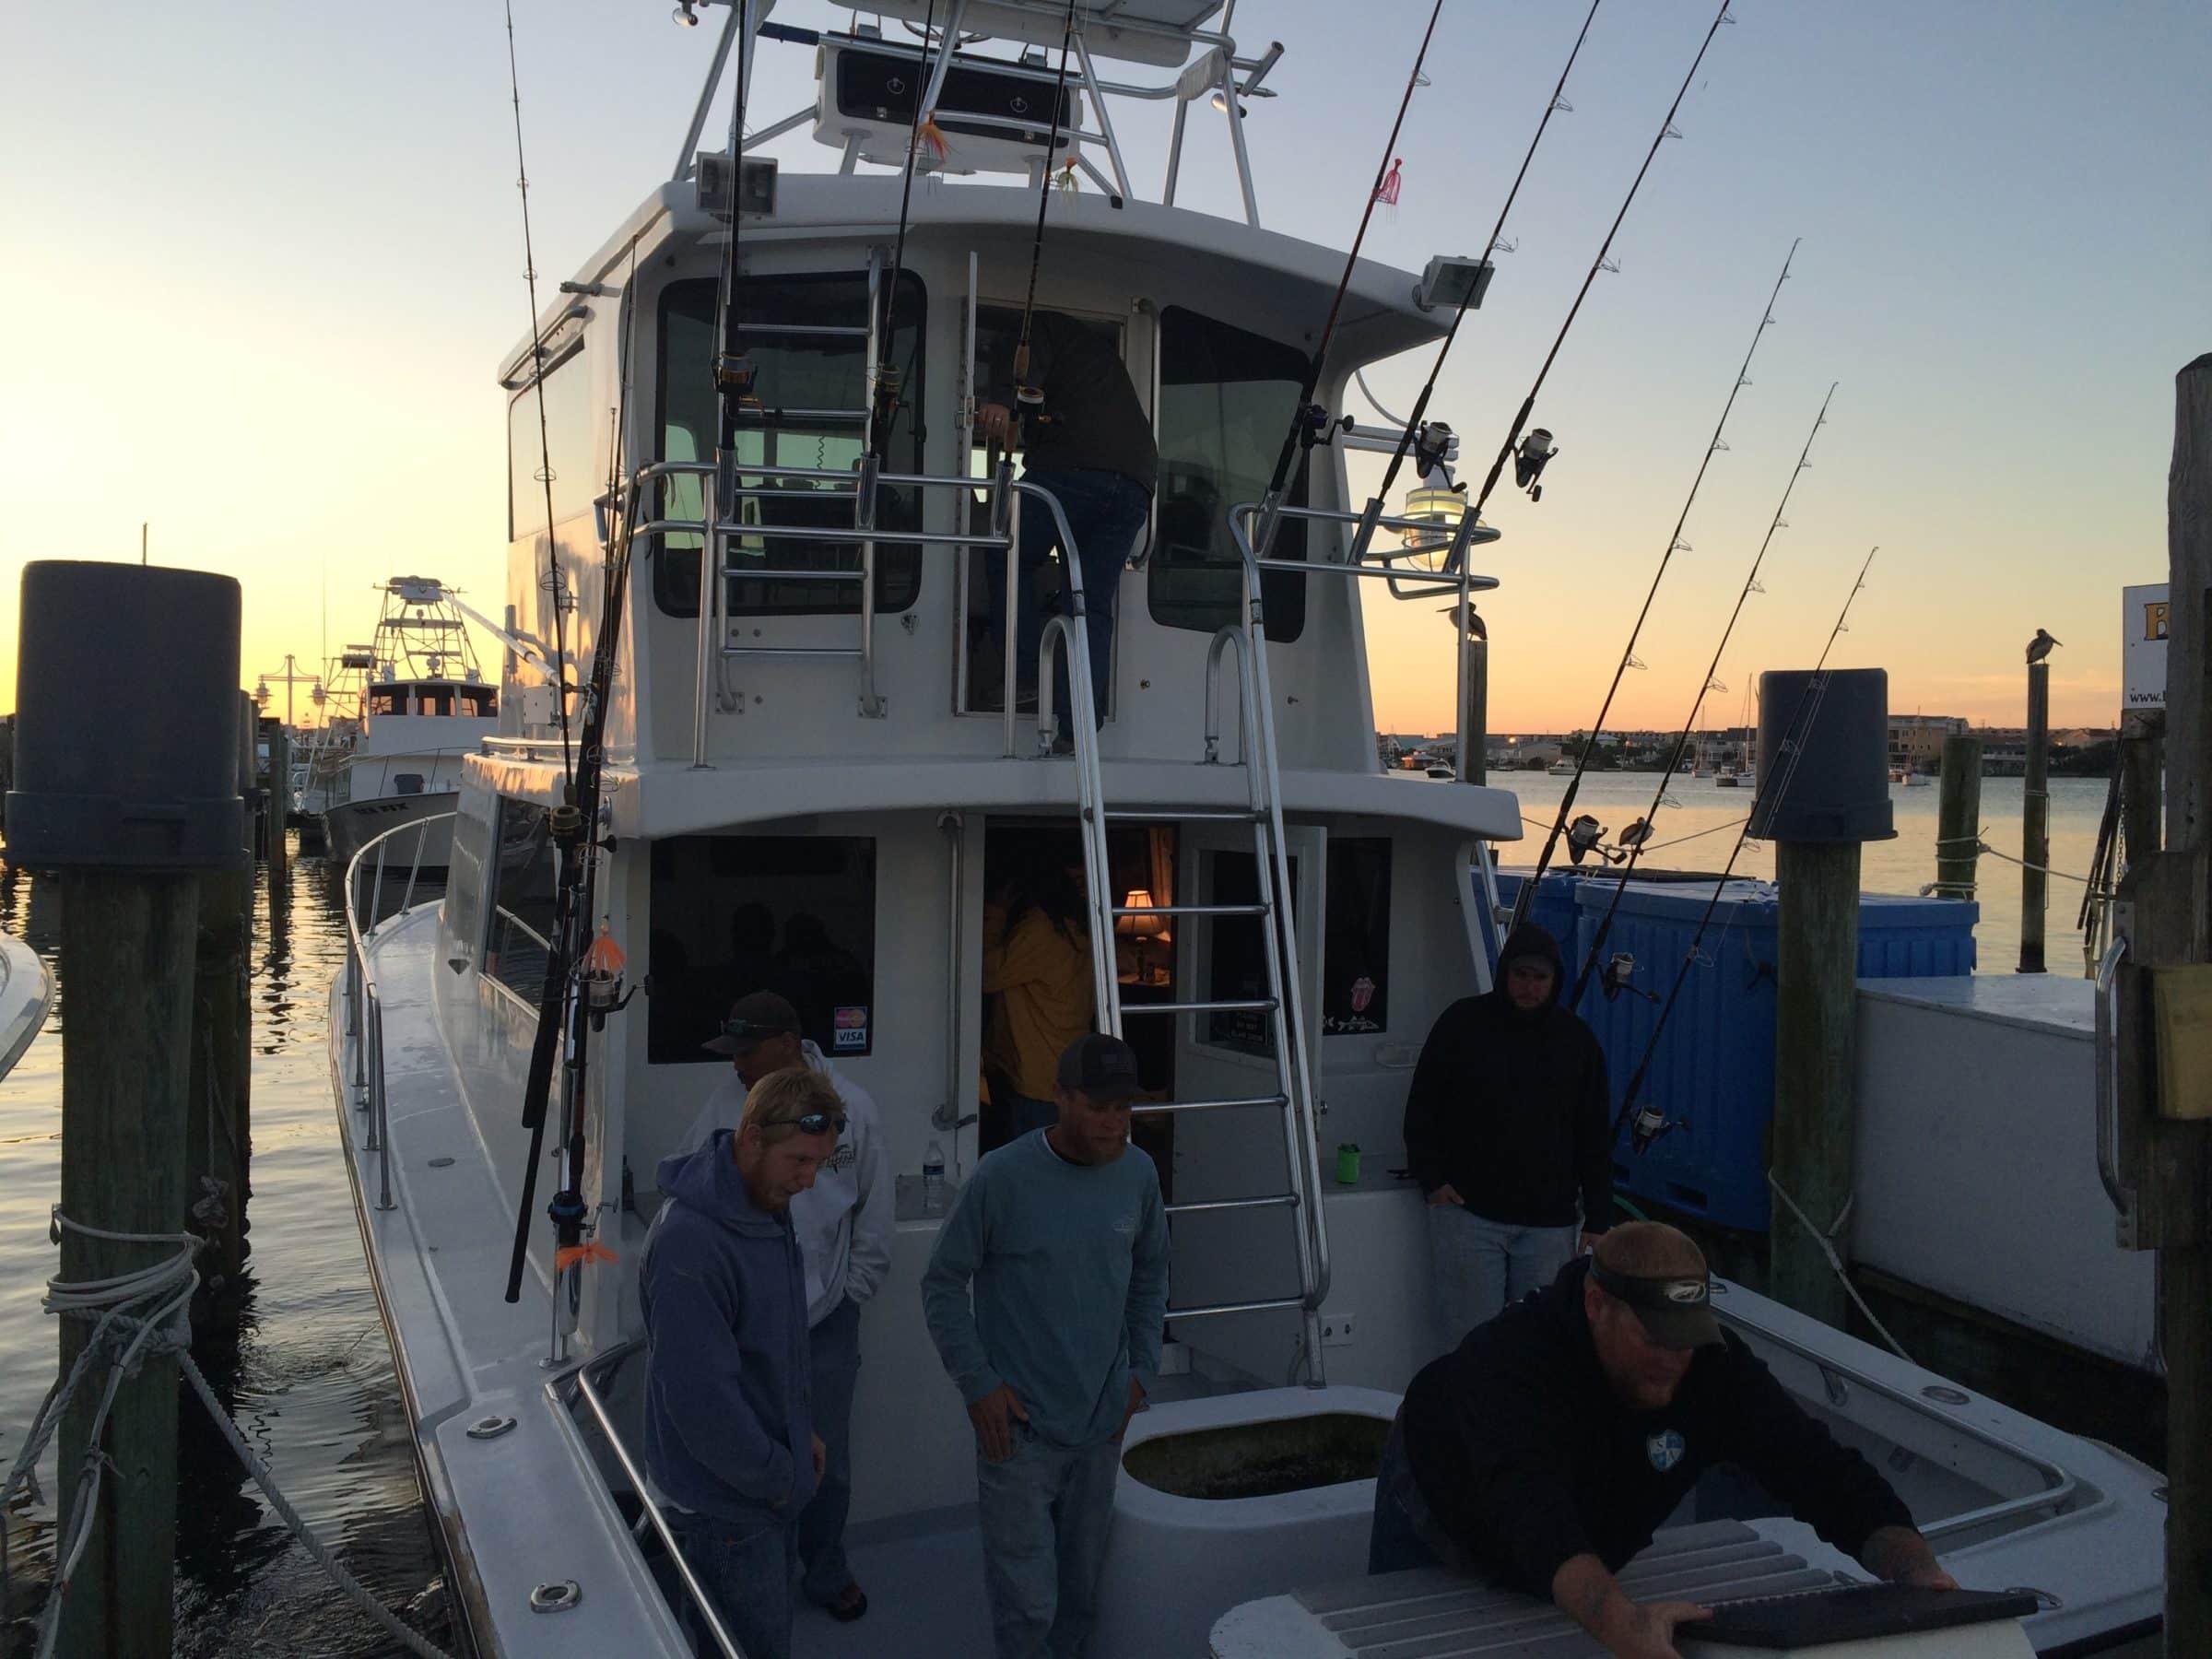 Destin fl fishing charters no alibi charter boat red for Charter fishing destin